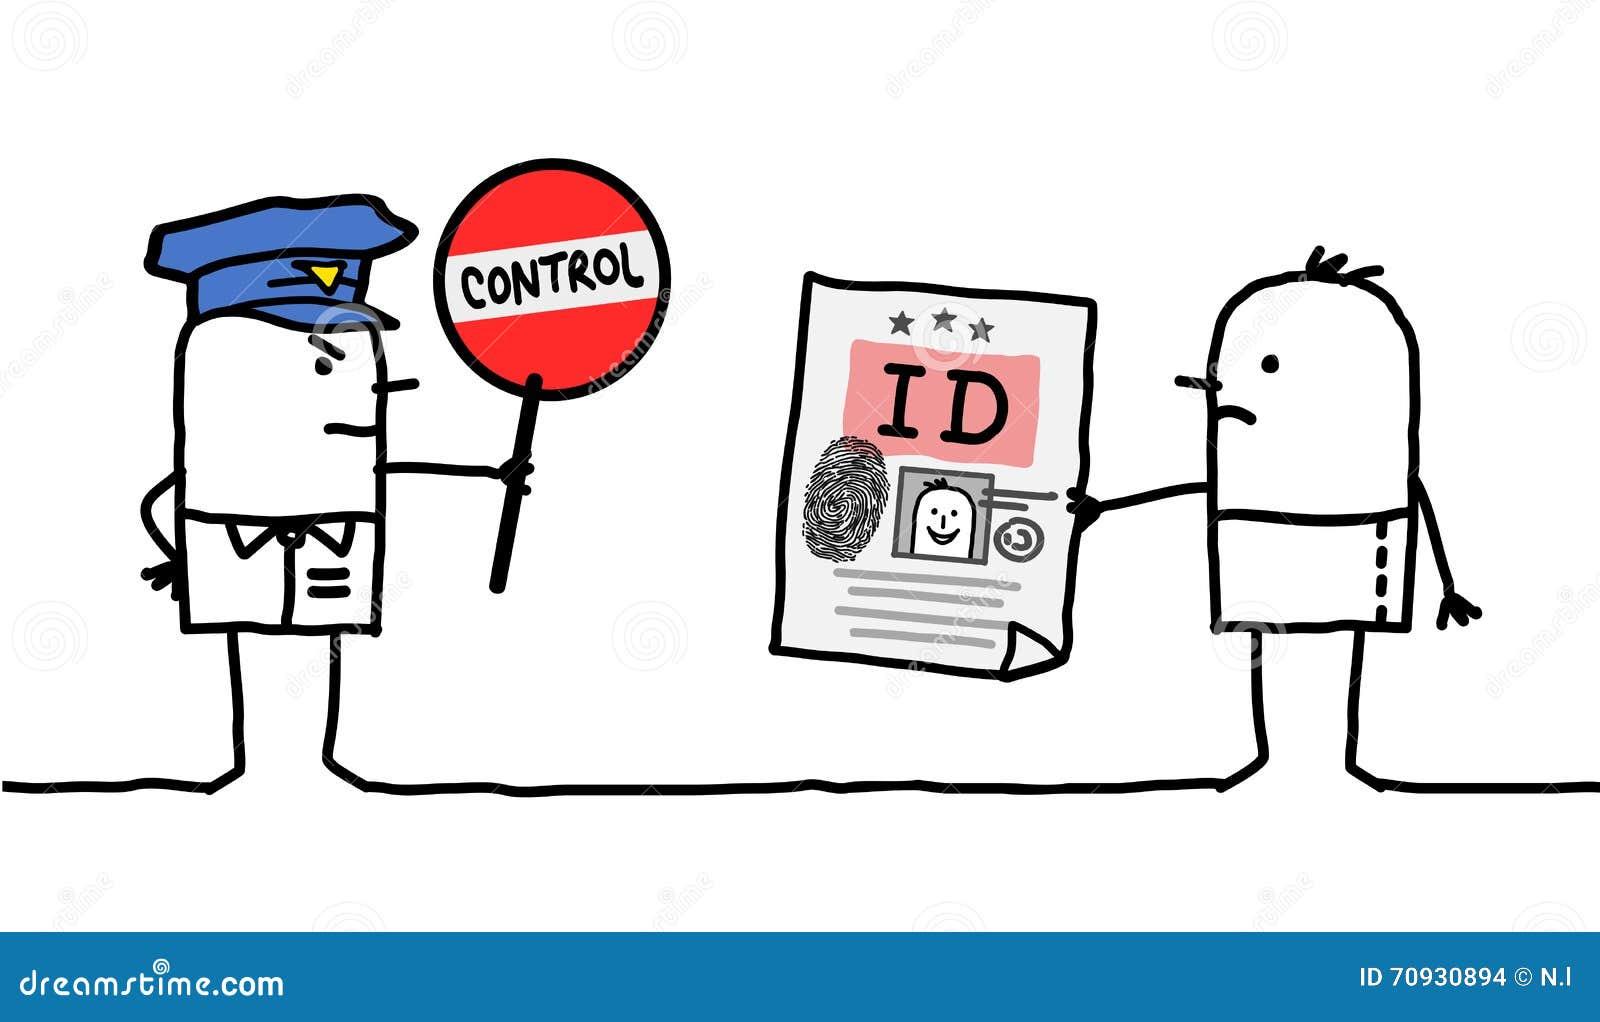 Характеры - управление полиции - идентичность